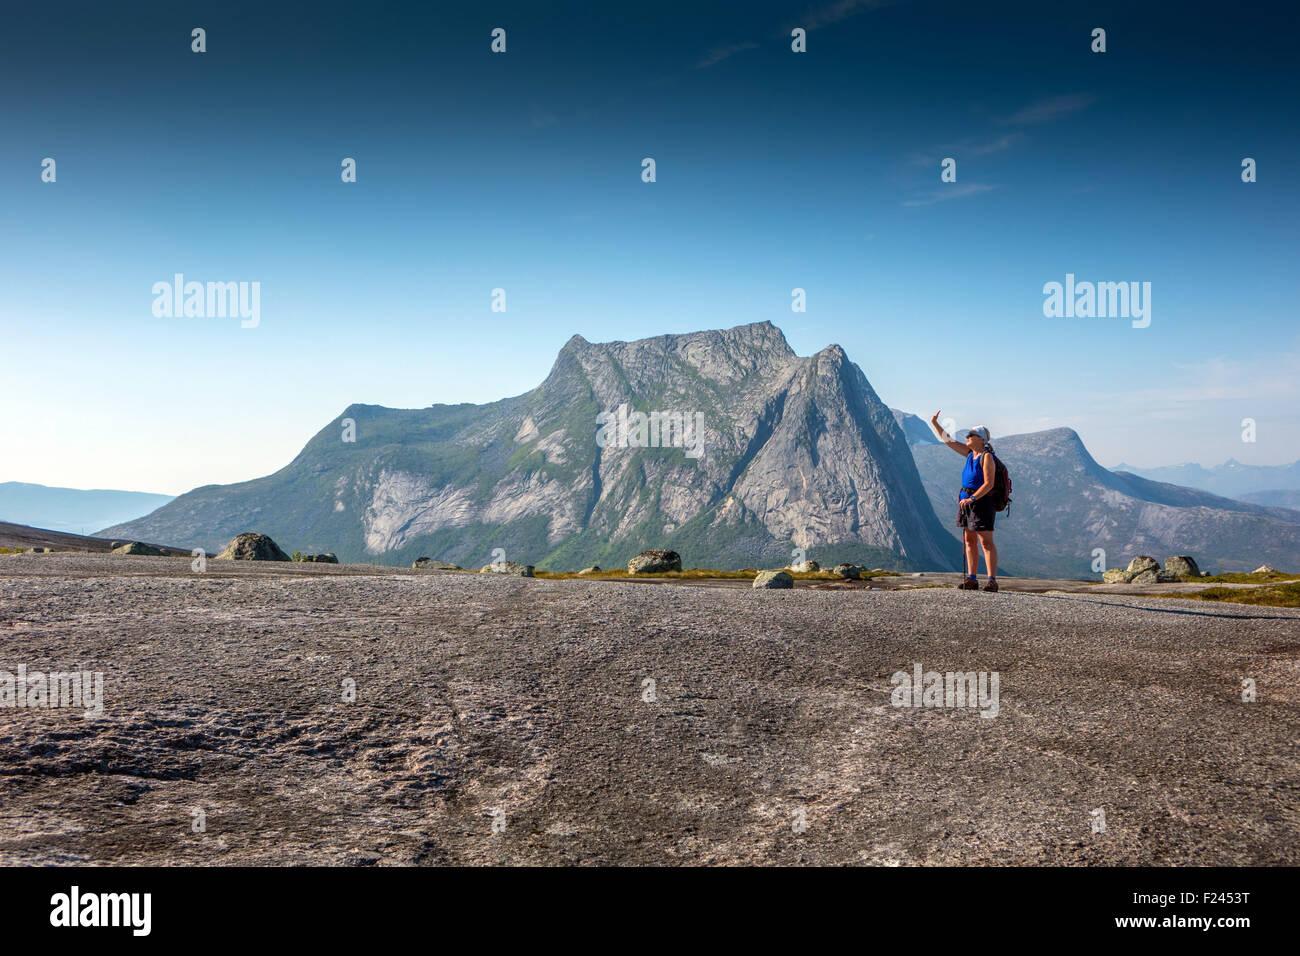 Small solitary figure on Verdenssvaet Worlds Slab, huge granite slab